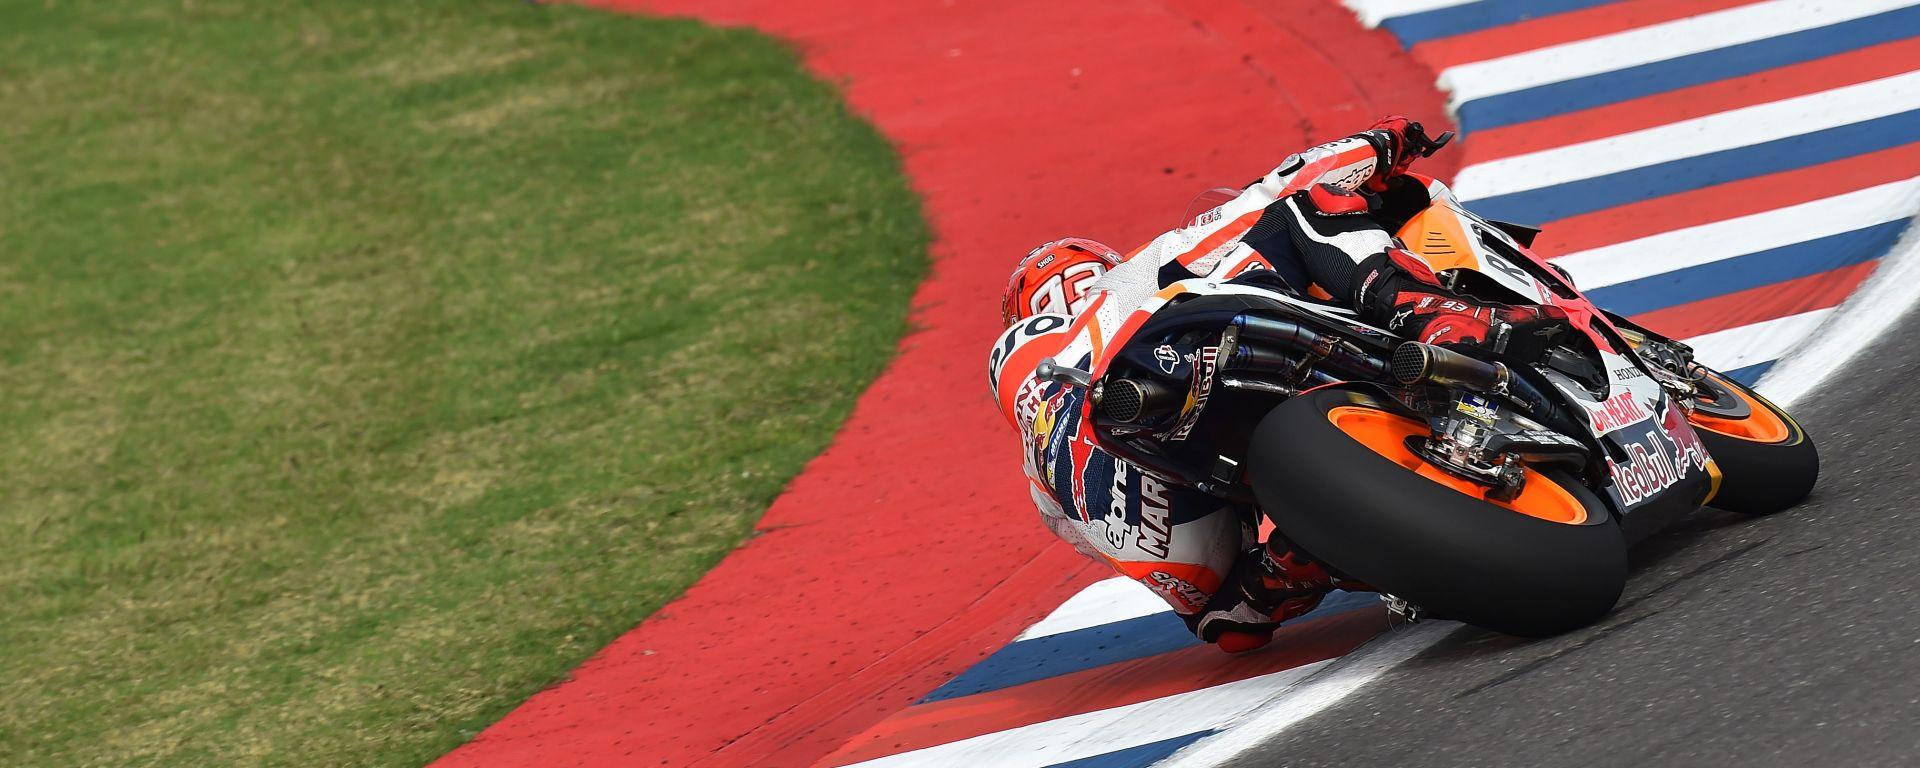 GP delle Americhe: Marc Marquez in Pole davanti alle Yamaha di Lorenzo e Rossi